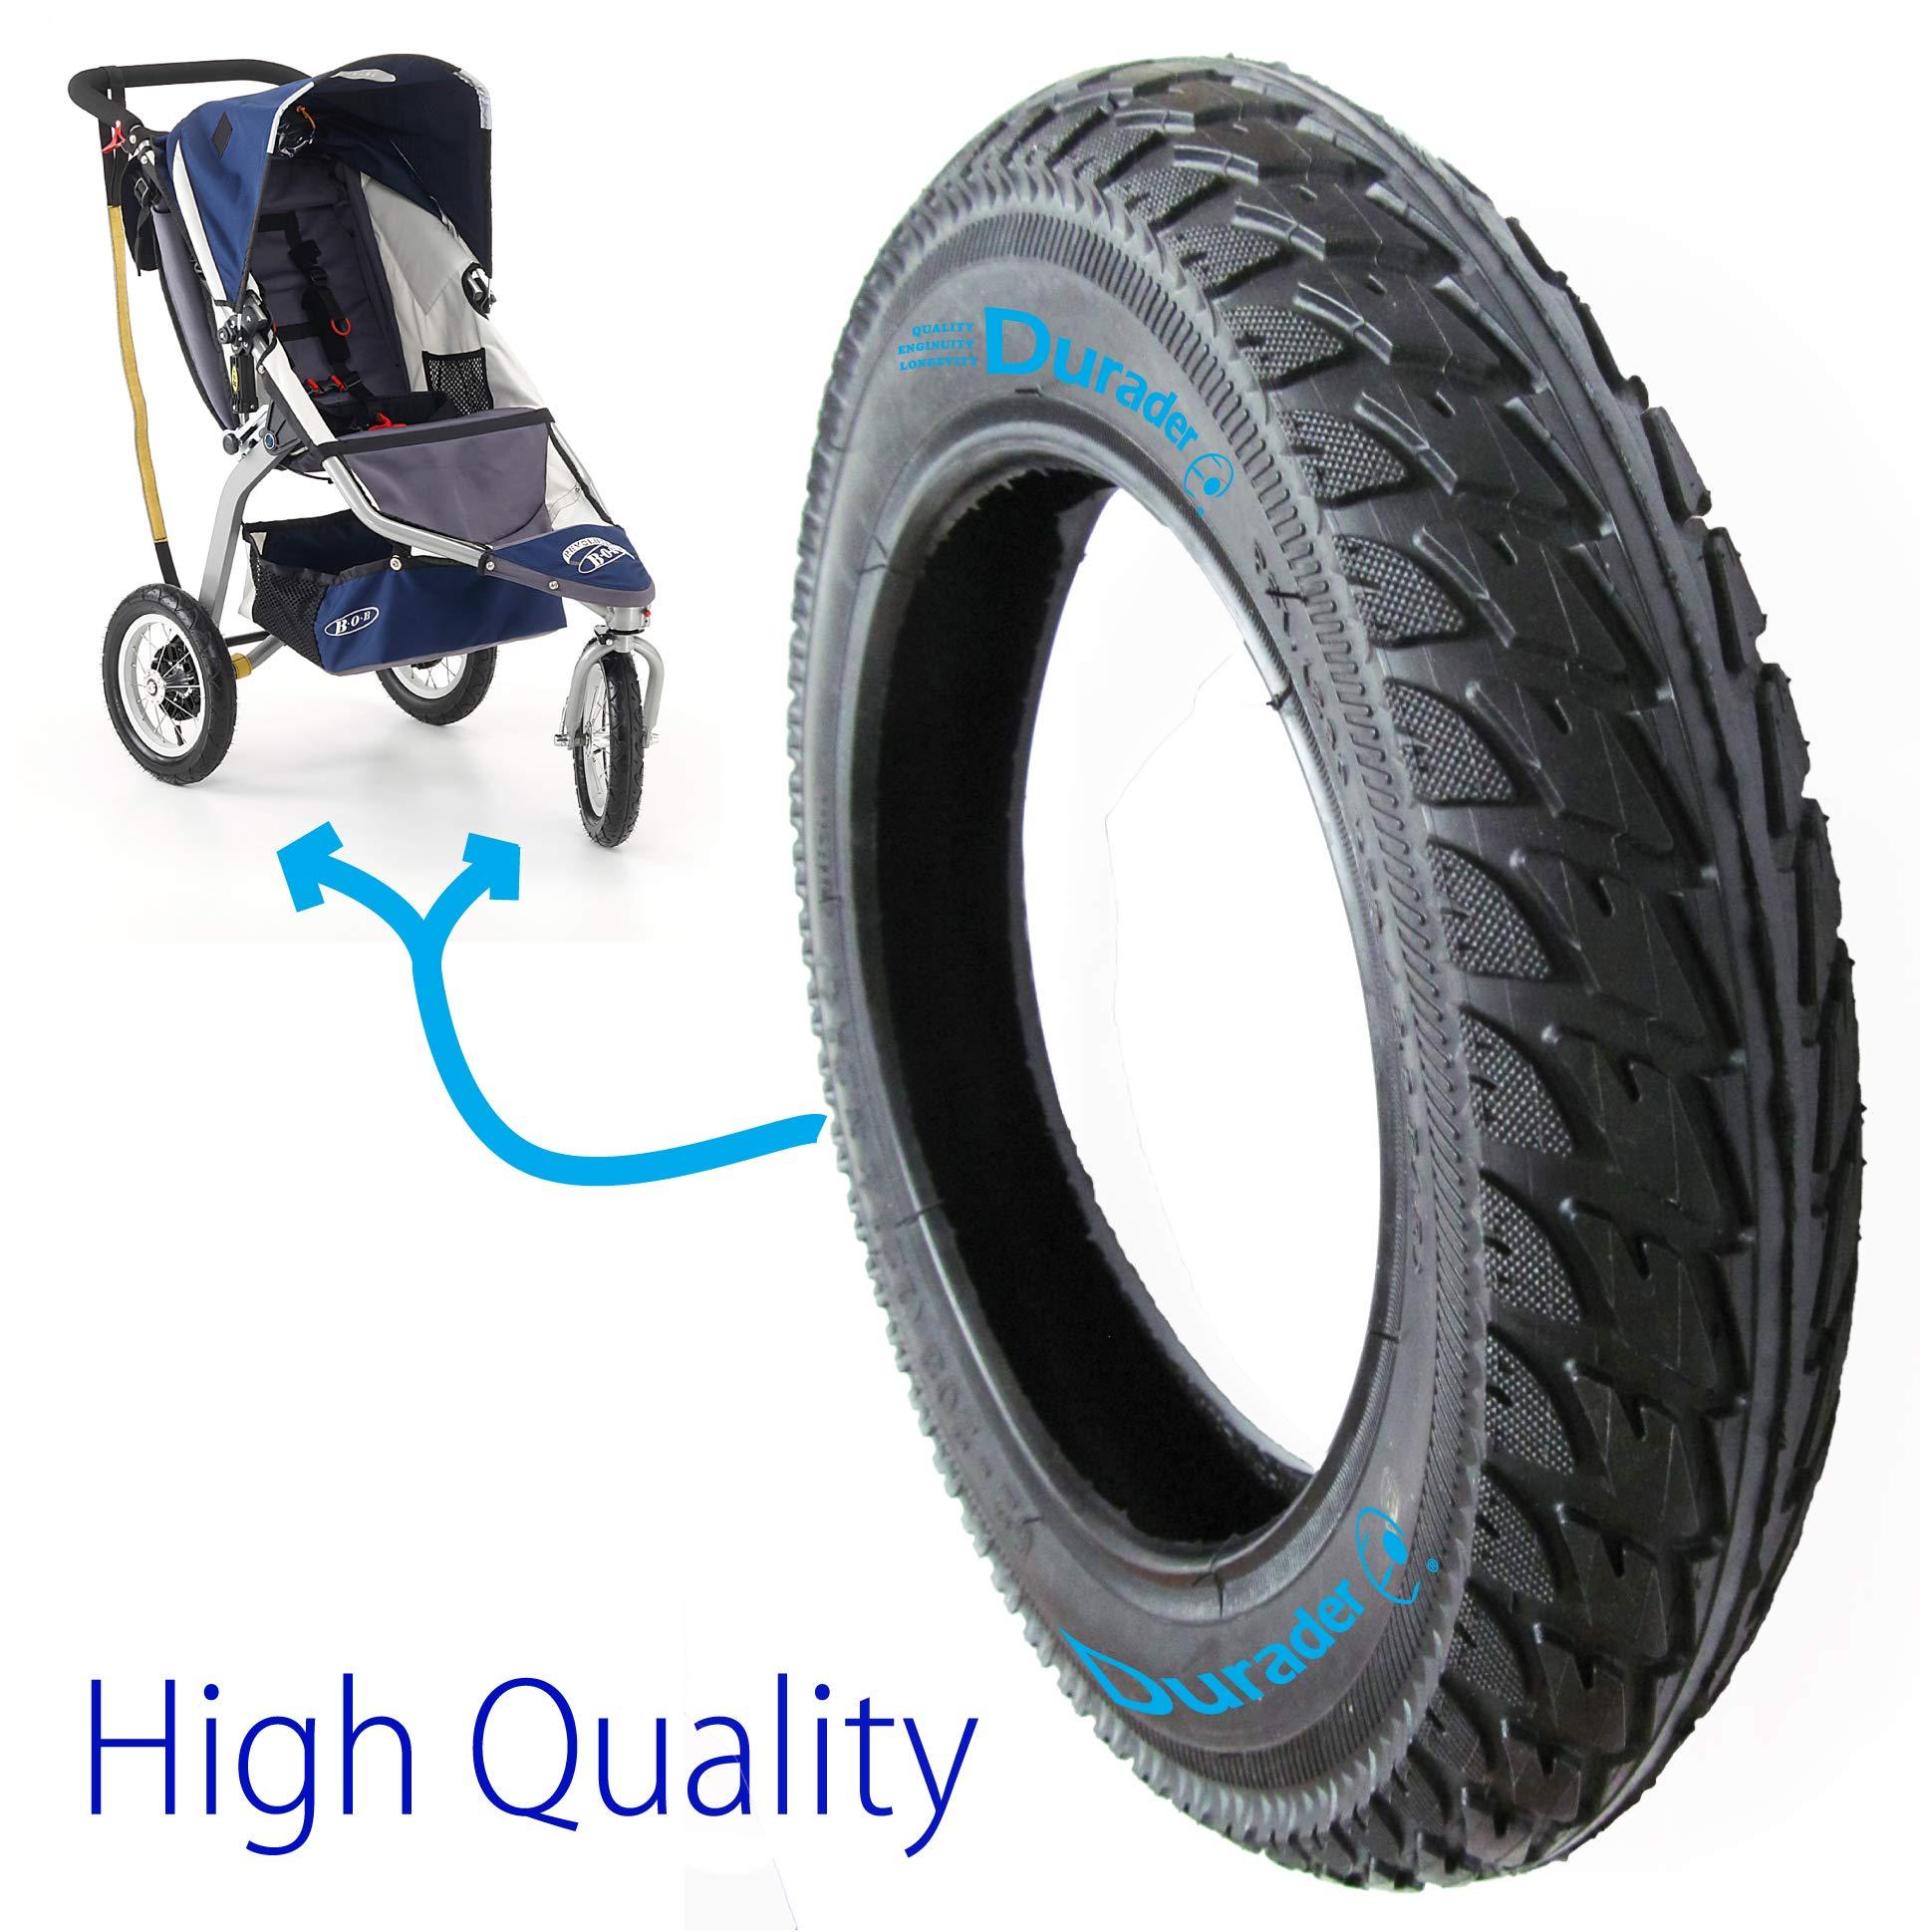 tire for BOB Revolution AW Stroller